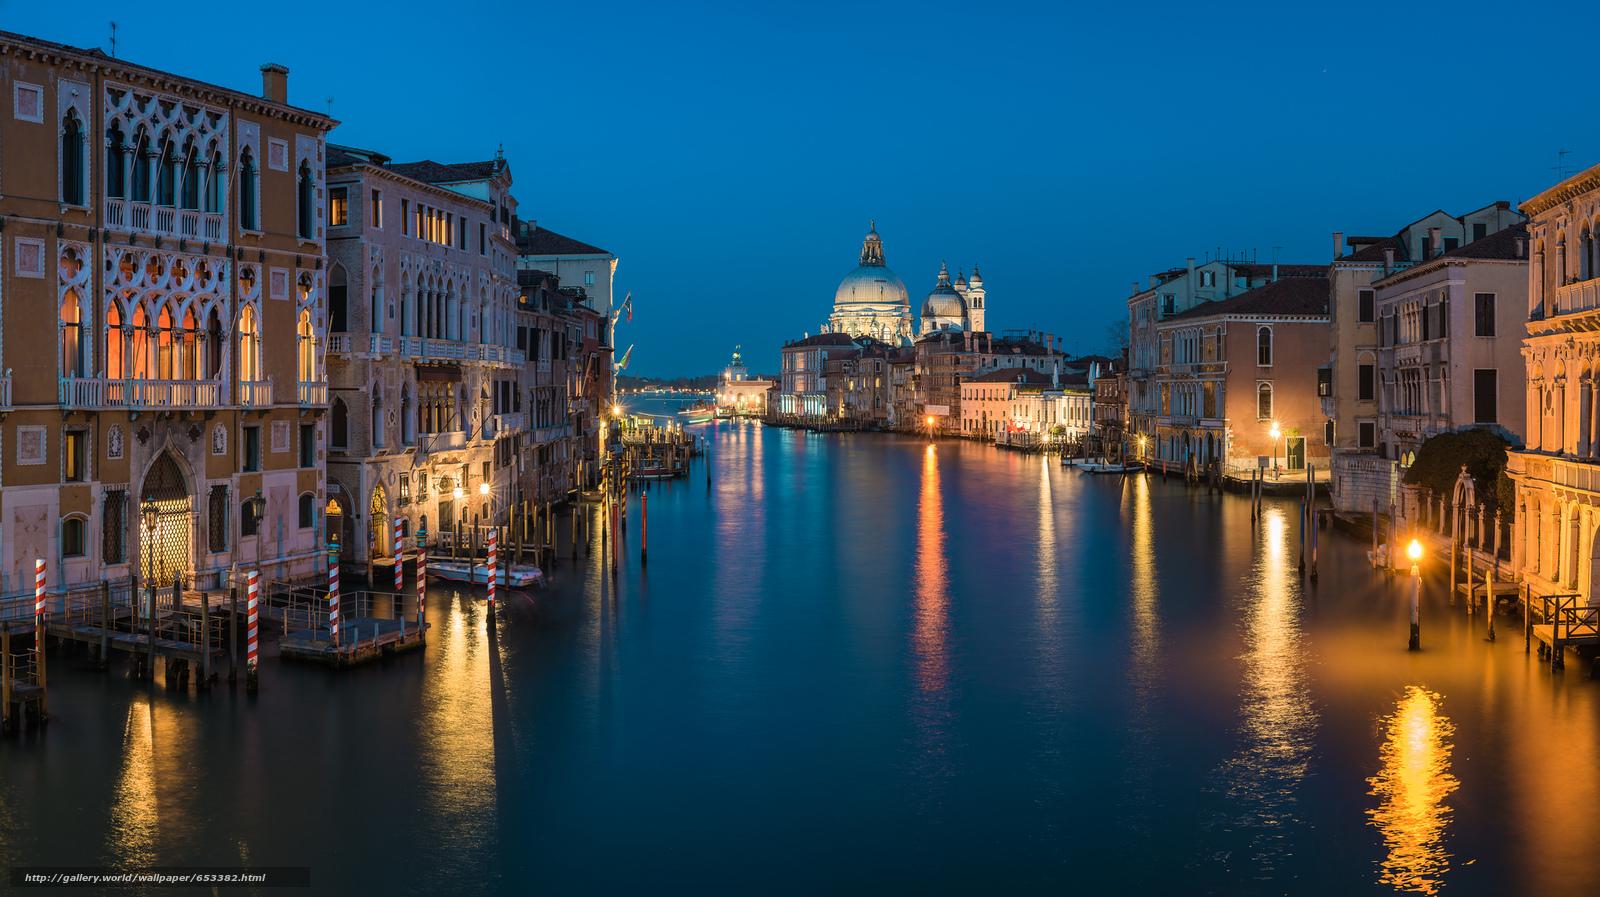 Скачать обои Grand Canal,  Venice,  венеция,  италия бесплатно для рабочего стола в разрешении 2048x1148 — картинка №653382